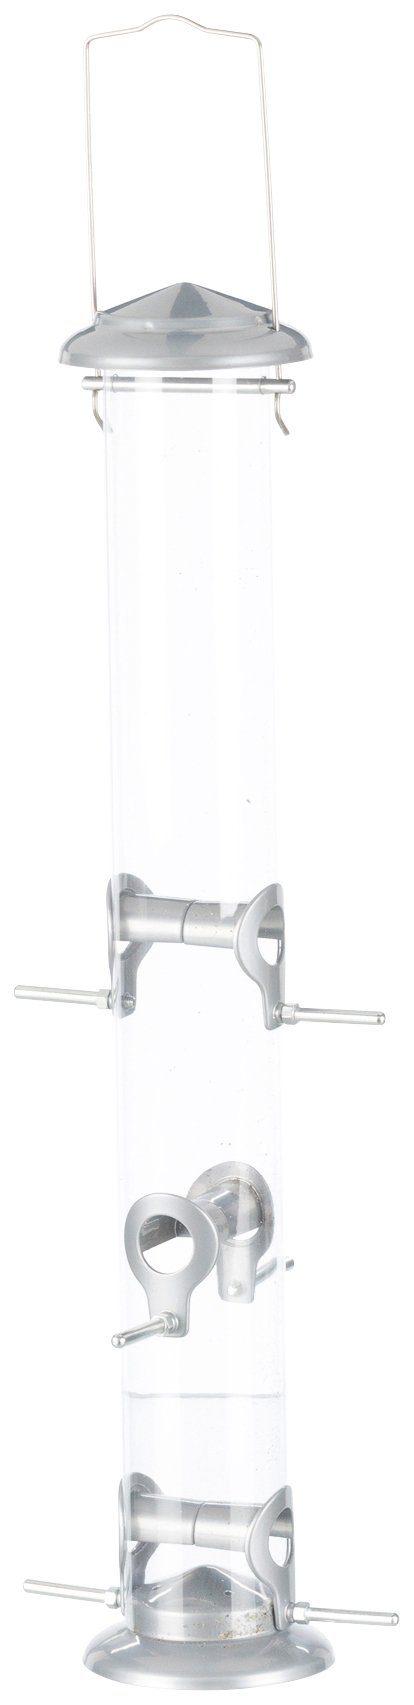 TRIXIE Futterspender , 1300 ml